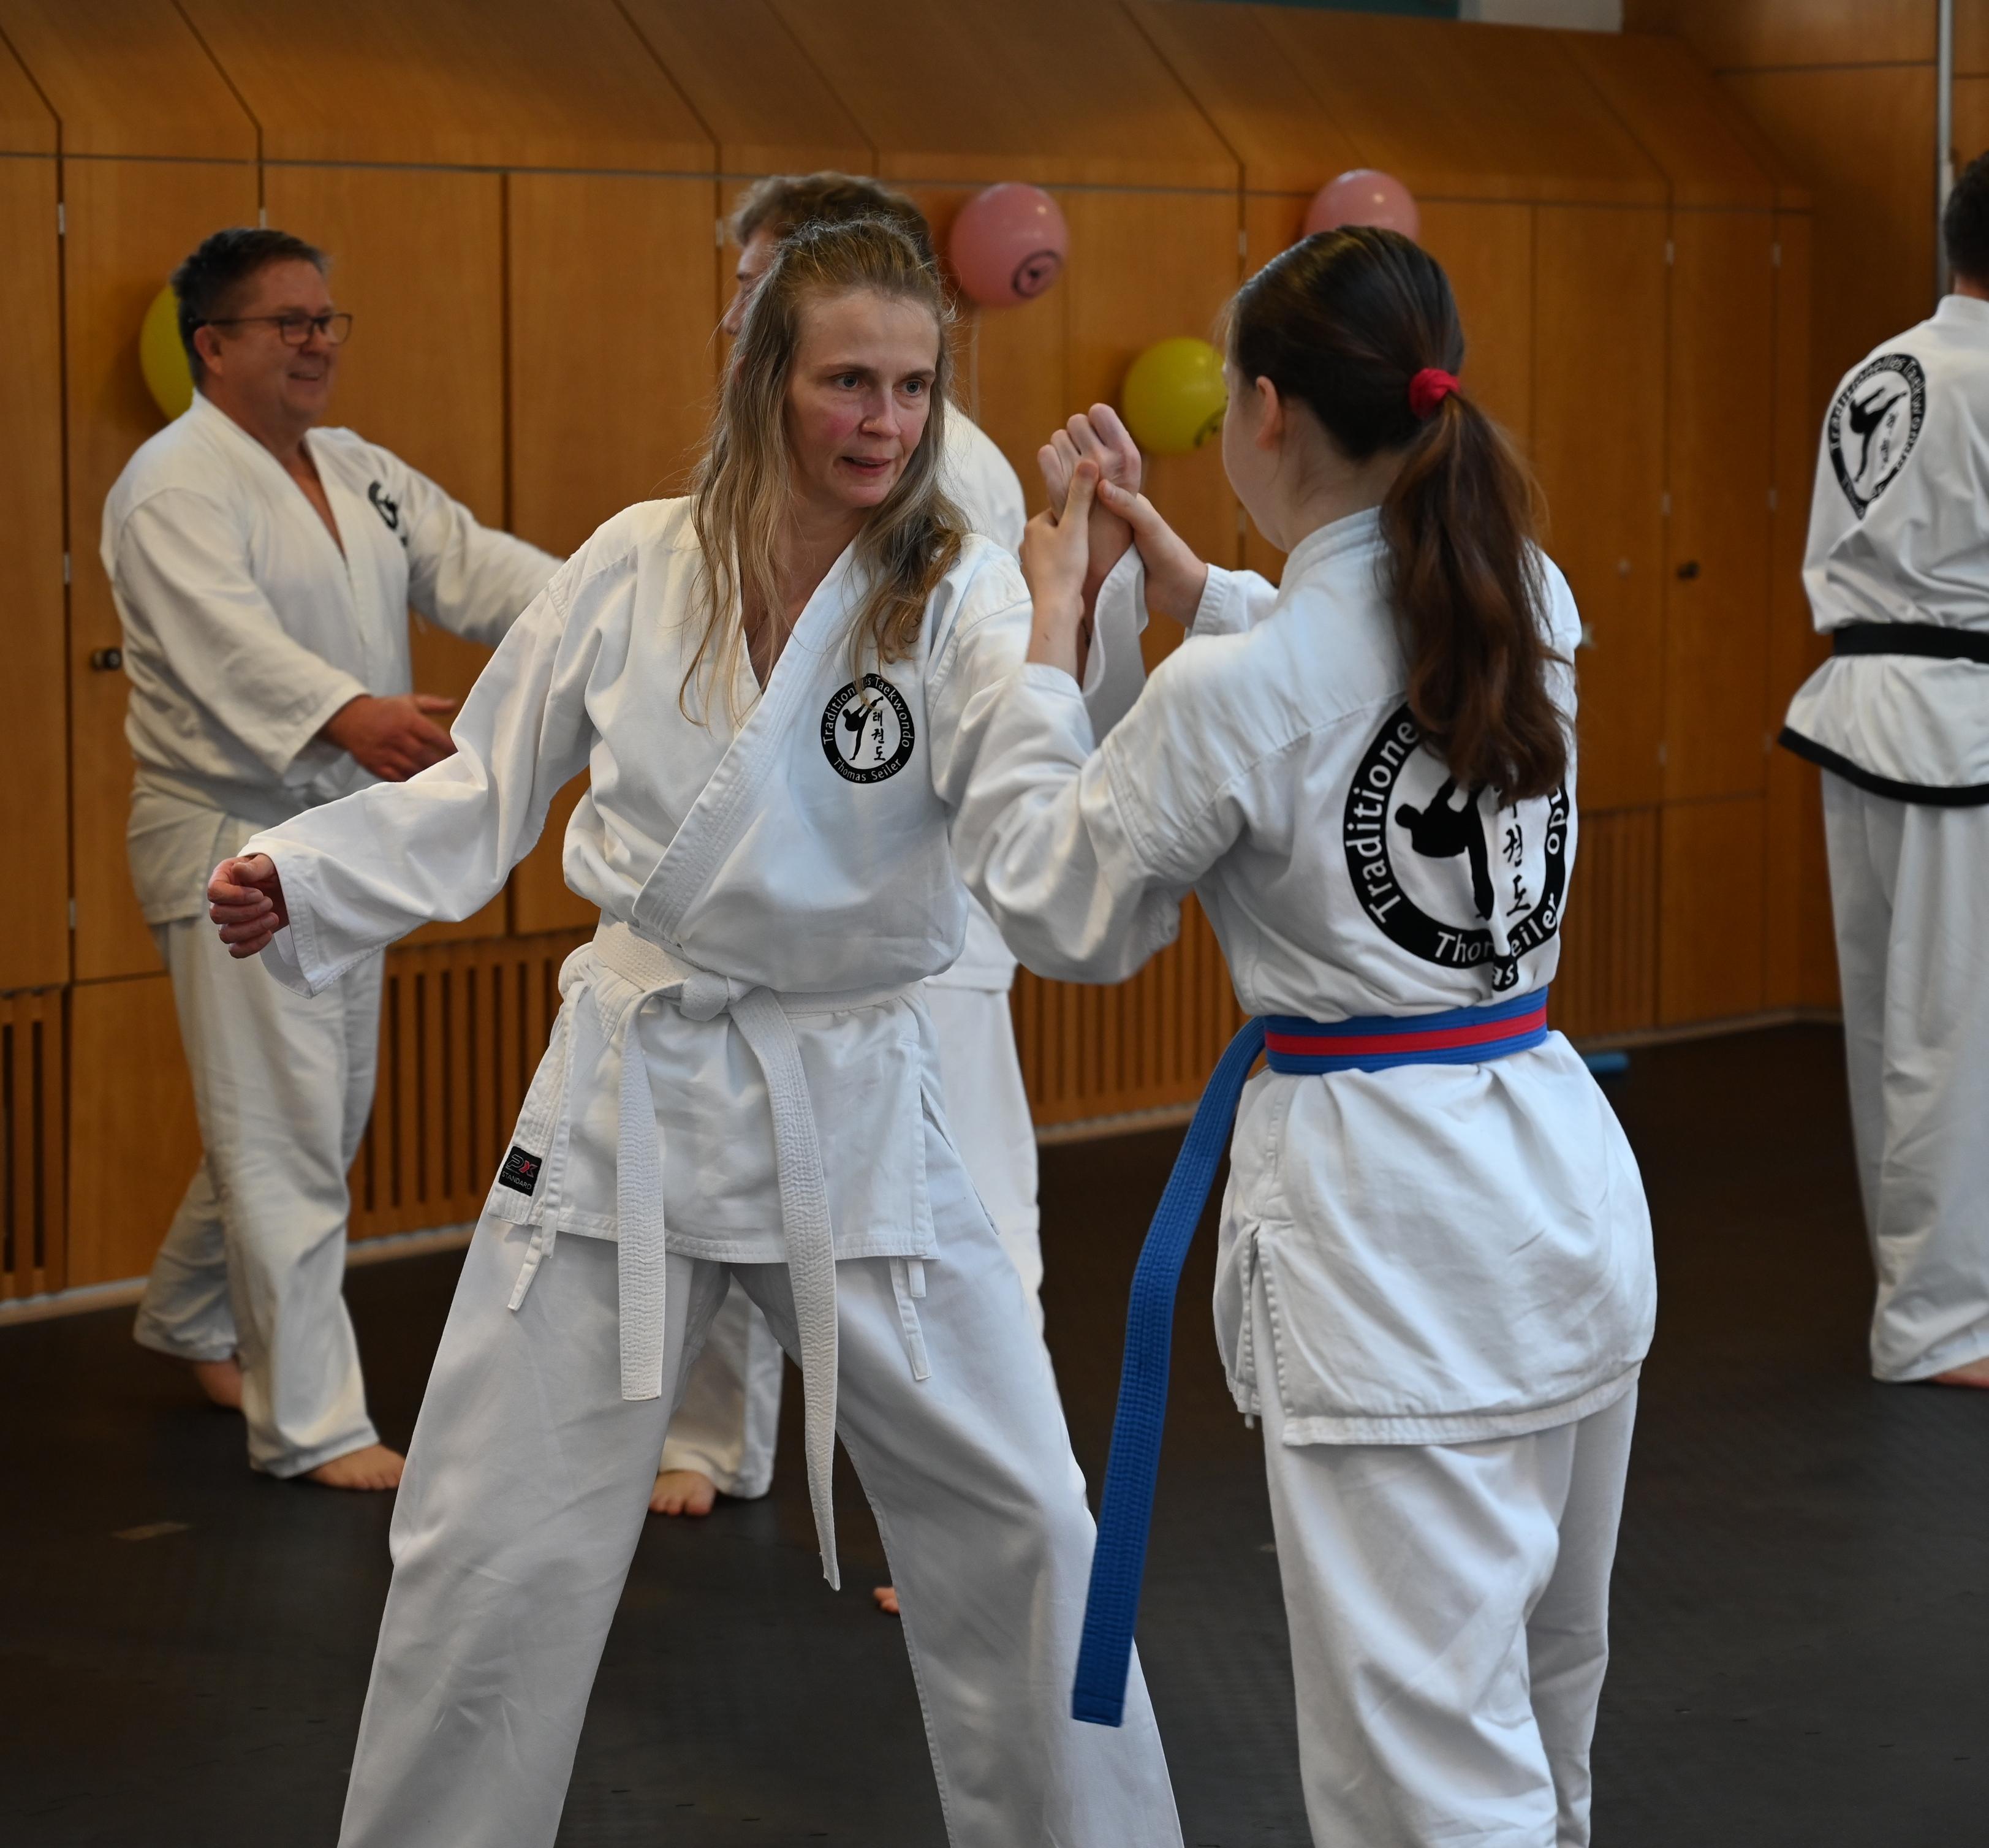 Training mit Erwachsenen in der Taekwondo - Sportschule Adelzhausen Selbstverteidigung für Frauen